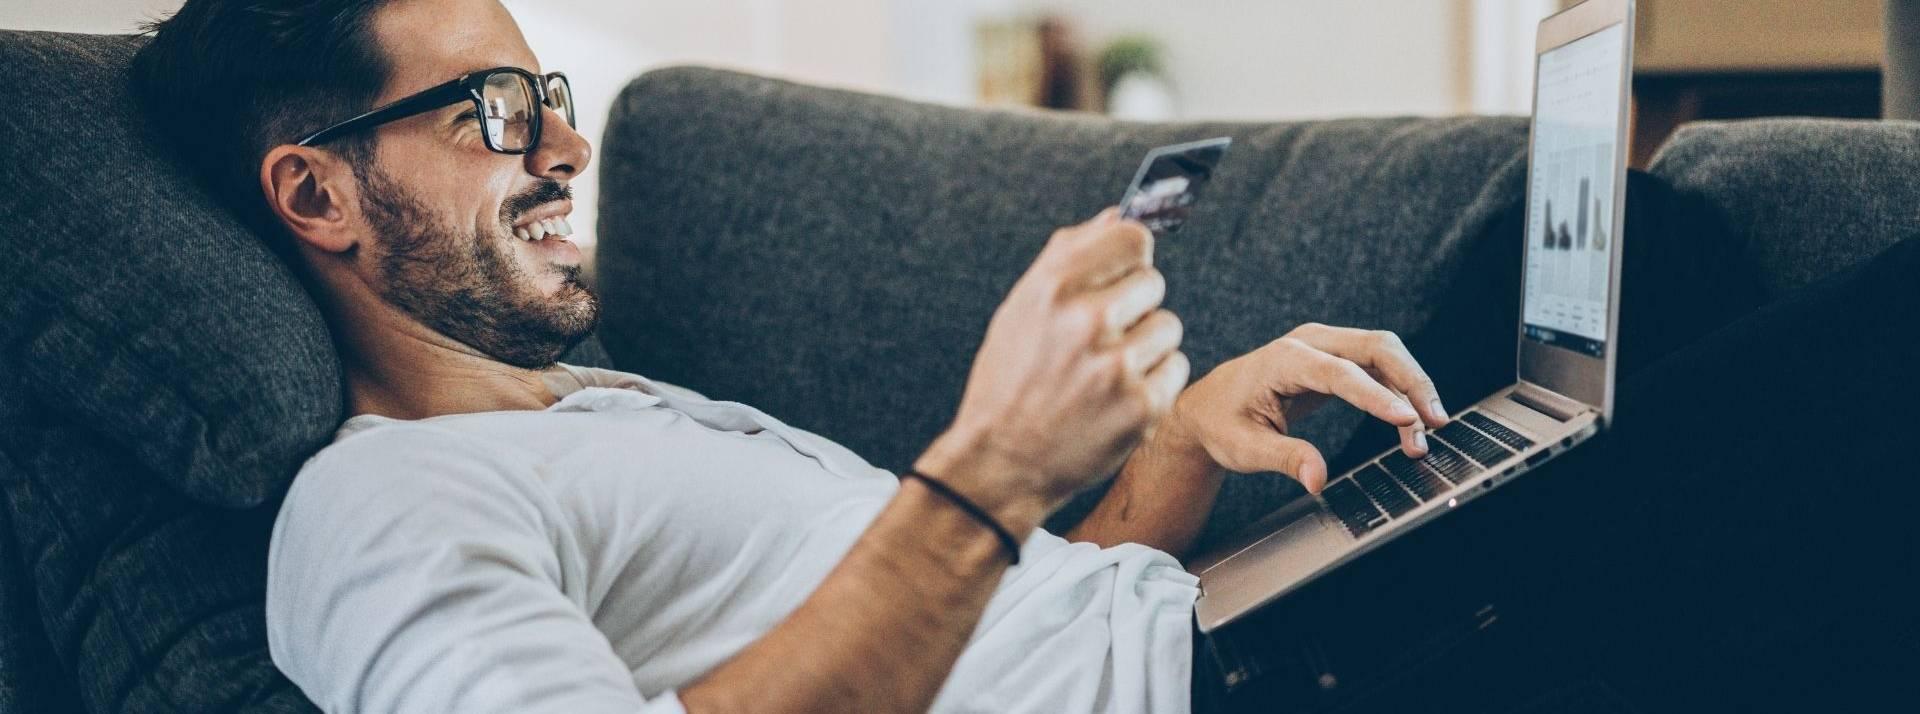 Homme allongé sur un canapé devant un oridinateur avec une carte bancaire dans la main